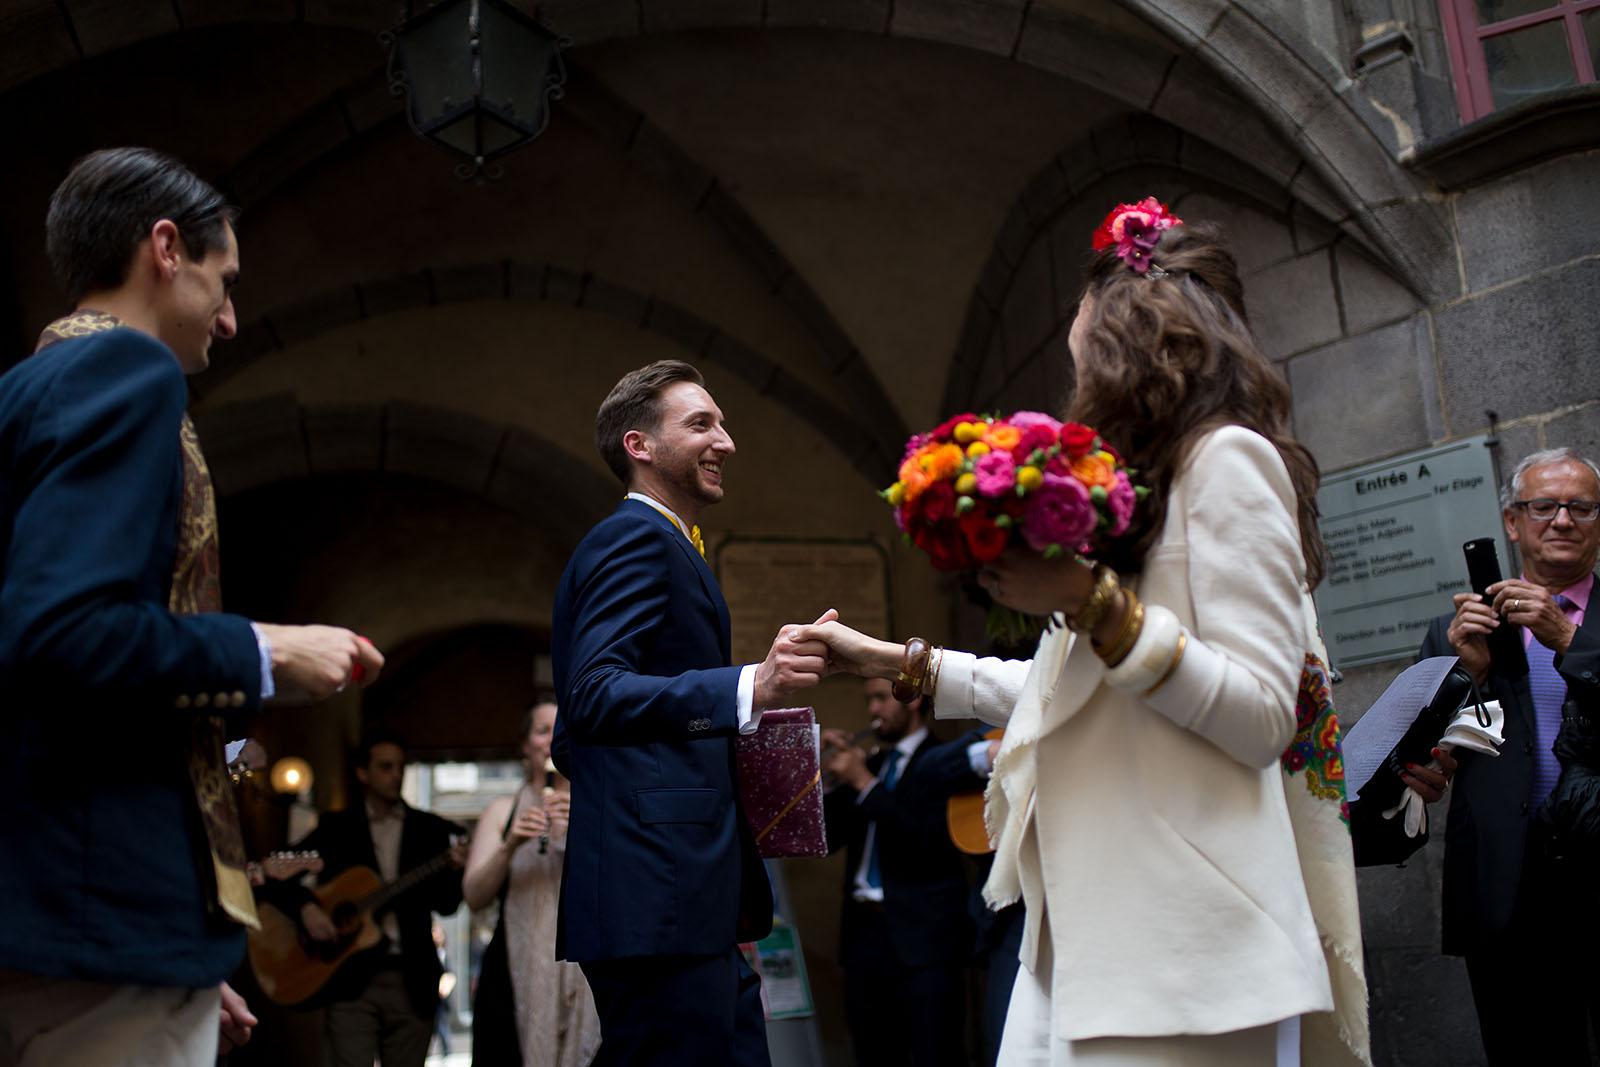 Photographe de mariage à Clermont Ferrand Les mariés dansent à la sortie de la cérémonie